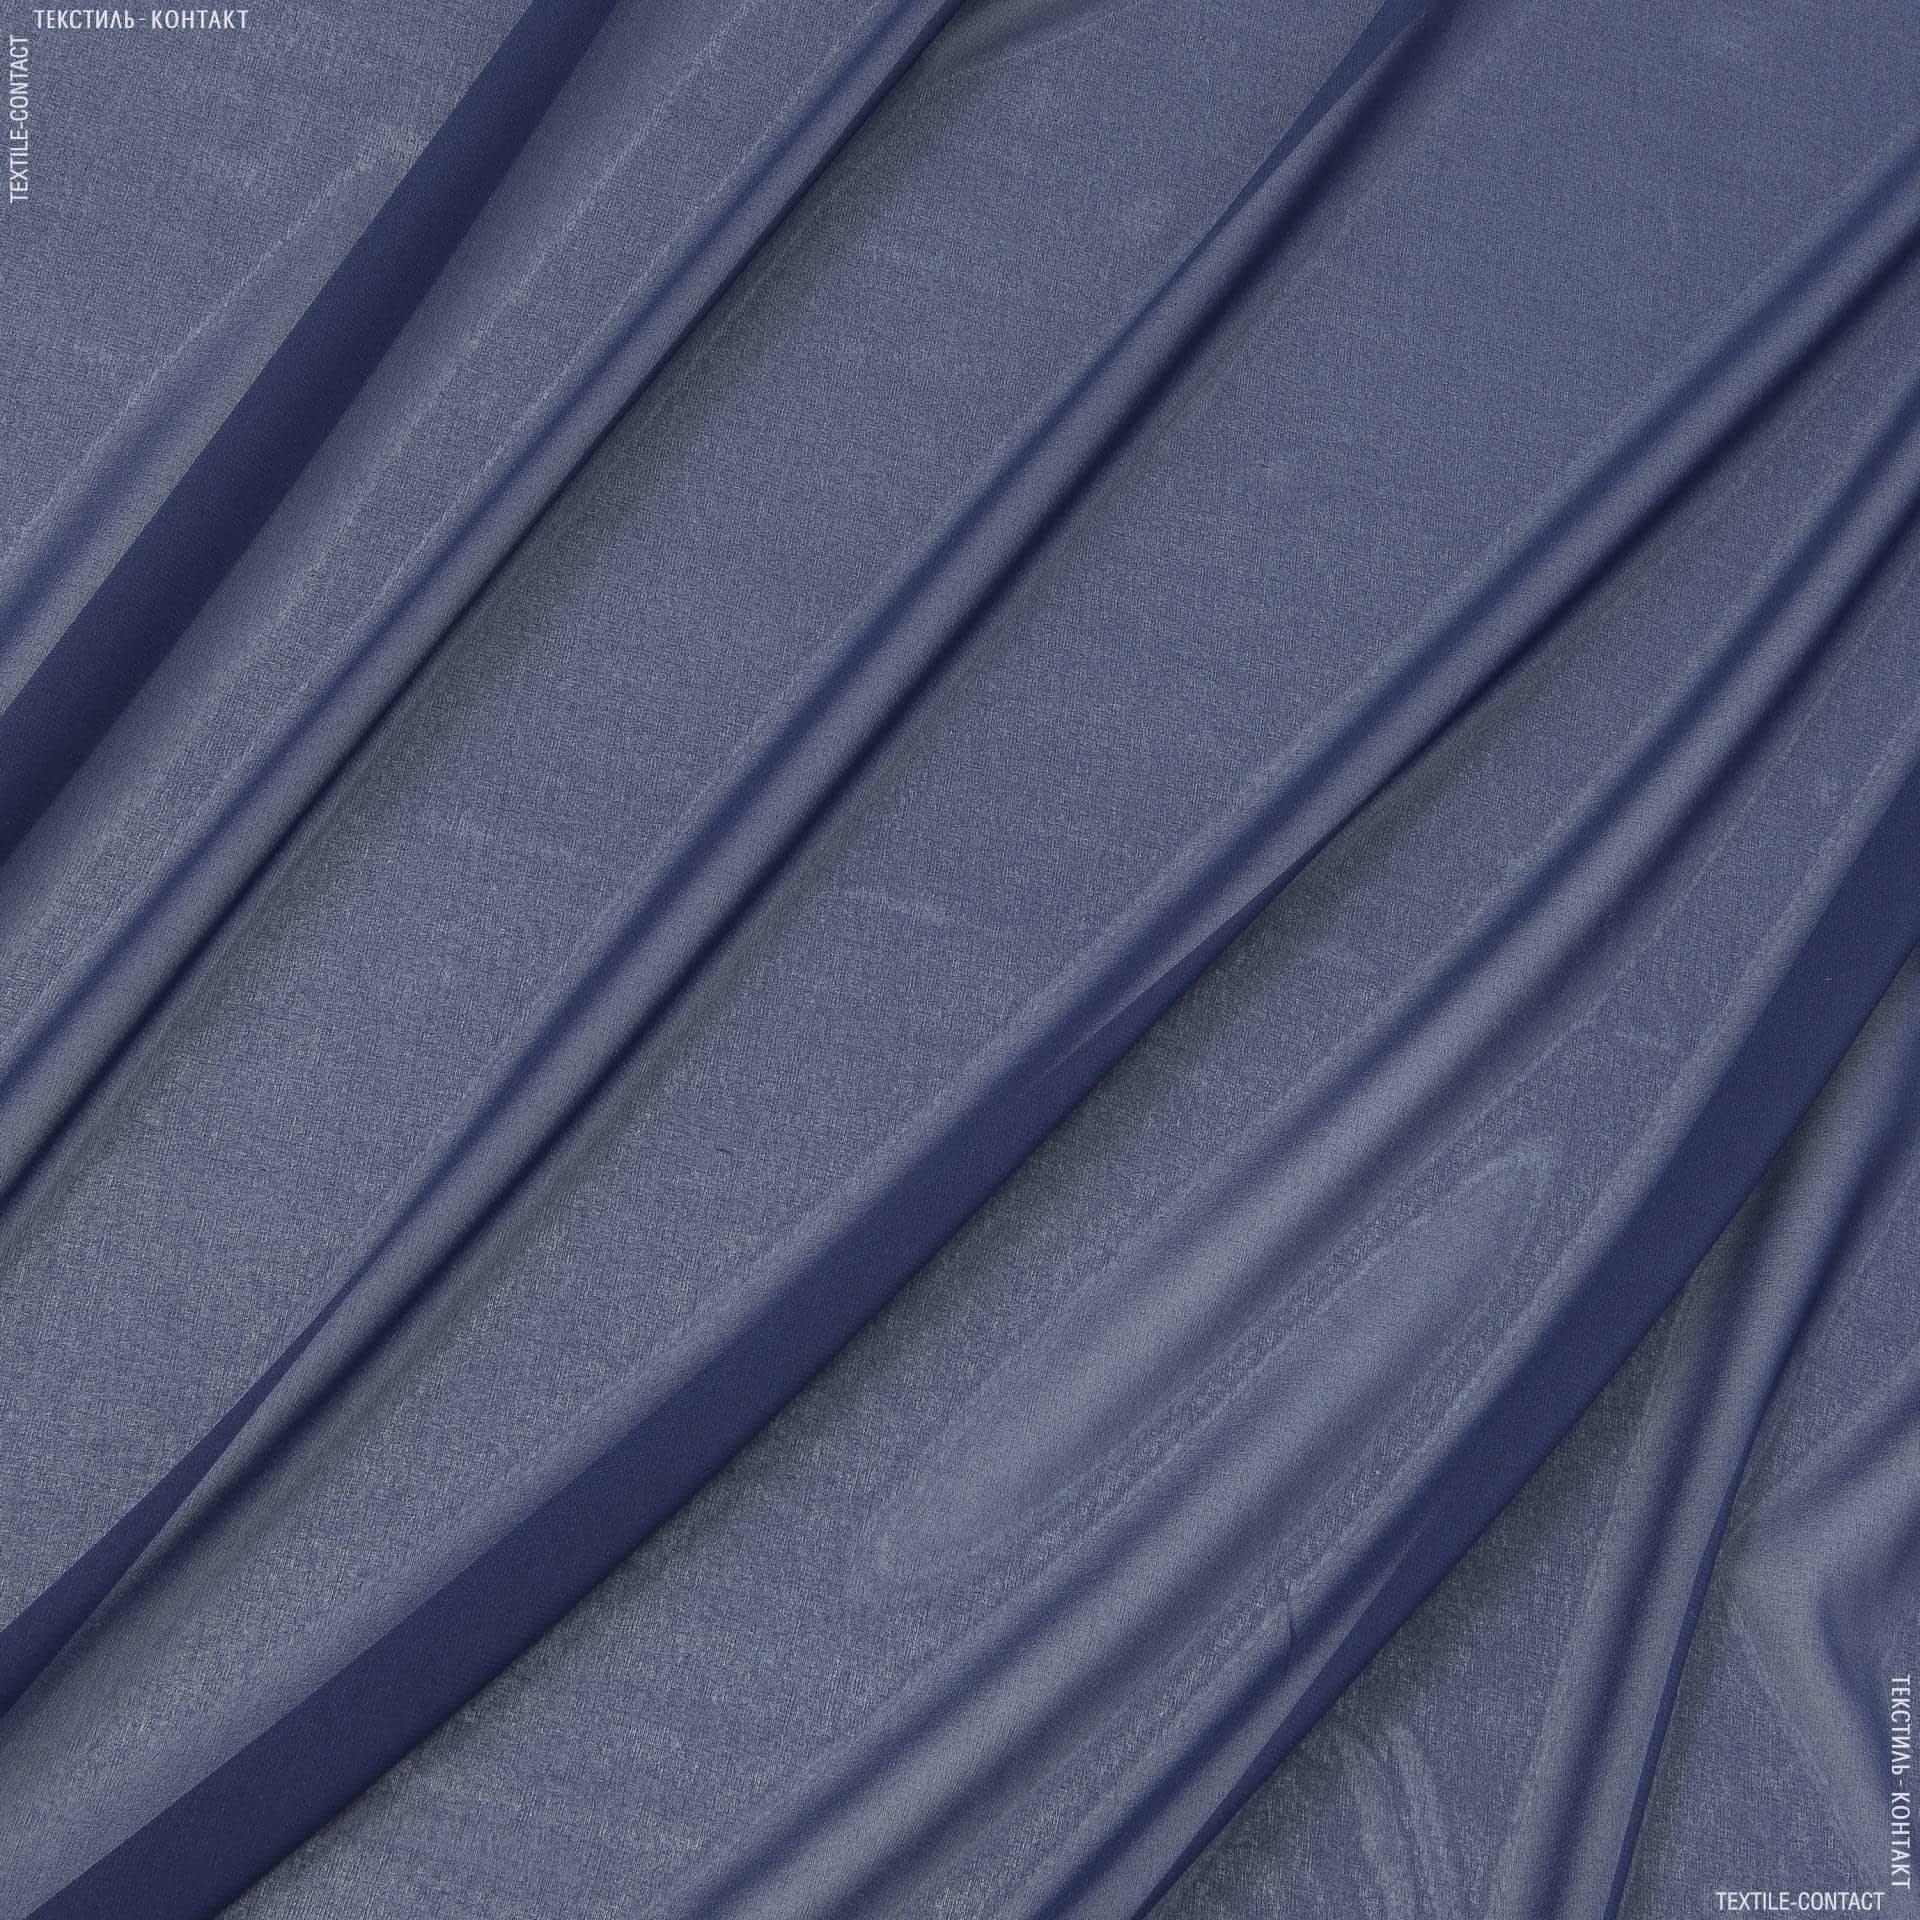 Ткани для платков и бандан - Шифон стрейч темно-синий